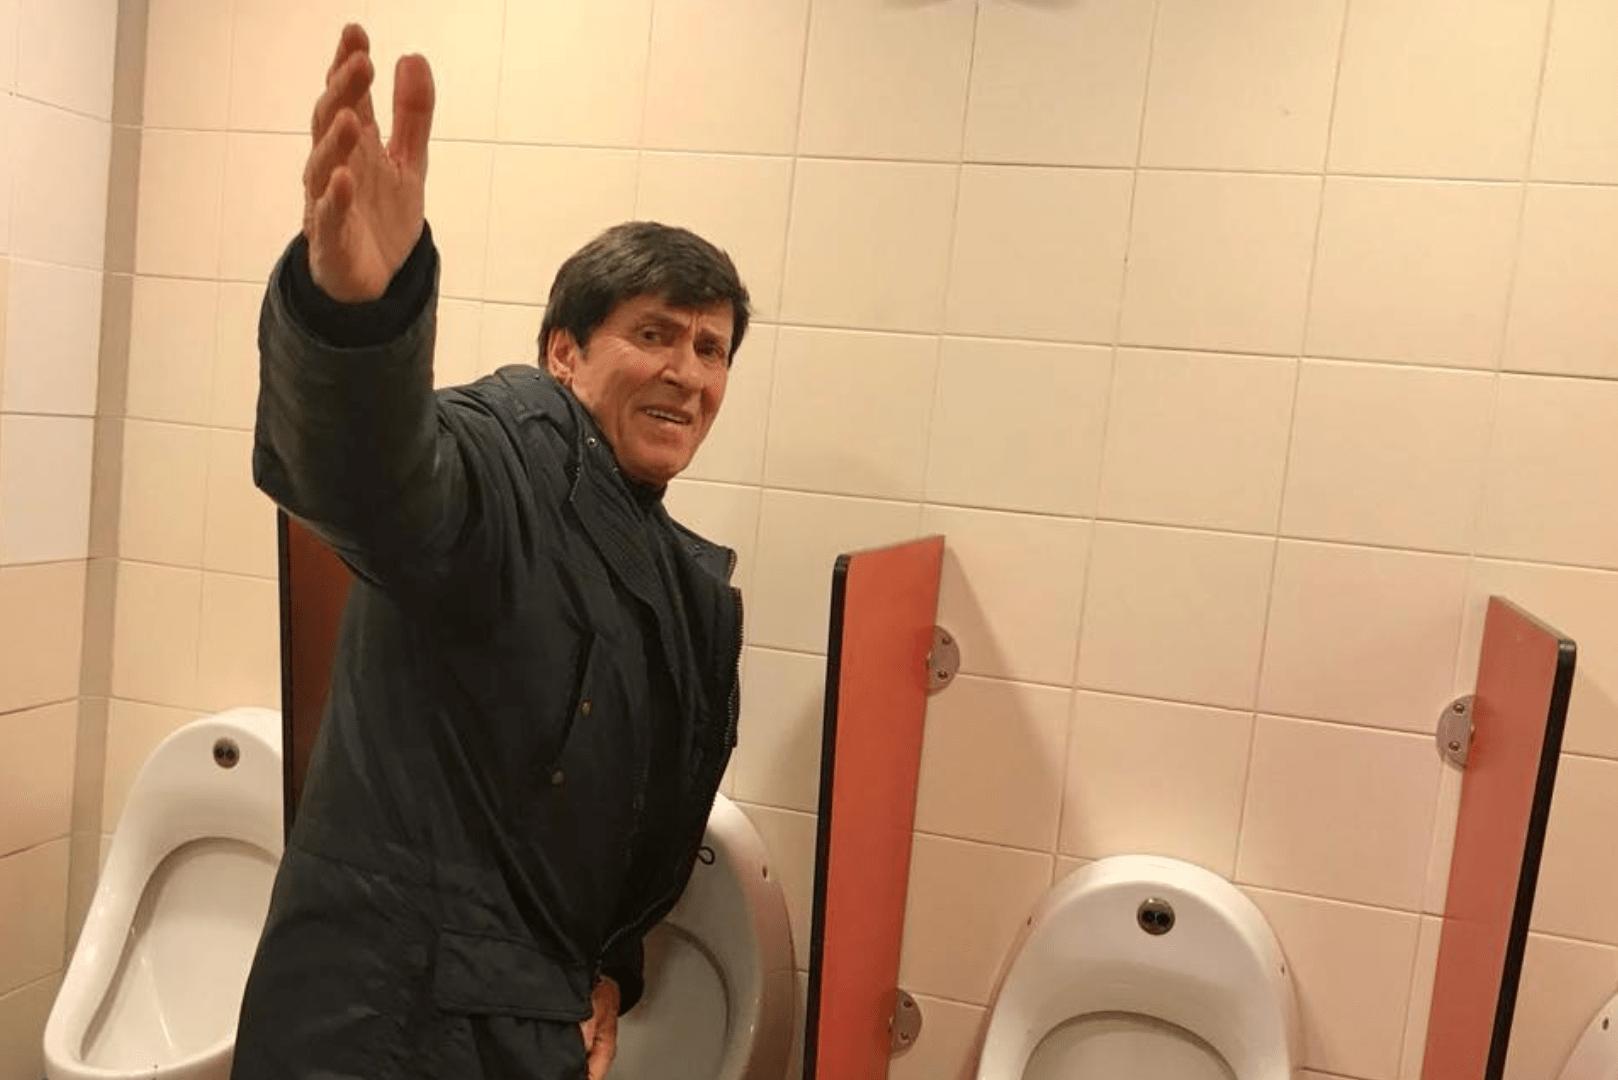 Gianni Morandi, la fan lo fotografa in bagno: il cantante non si arrabbia e pubblica la foto su Facebook